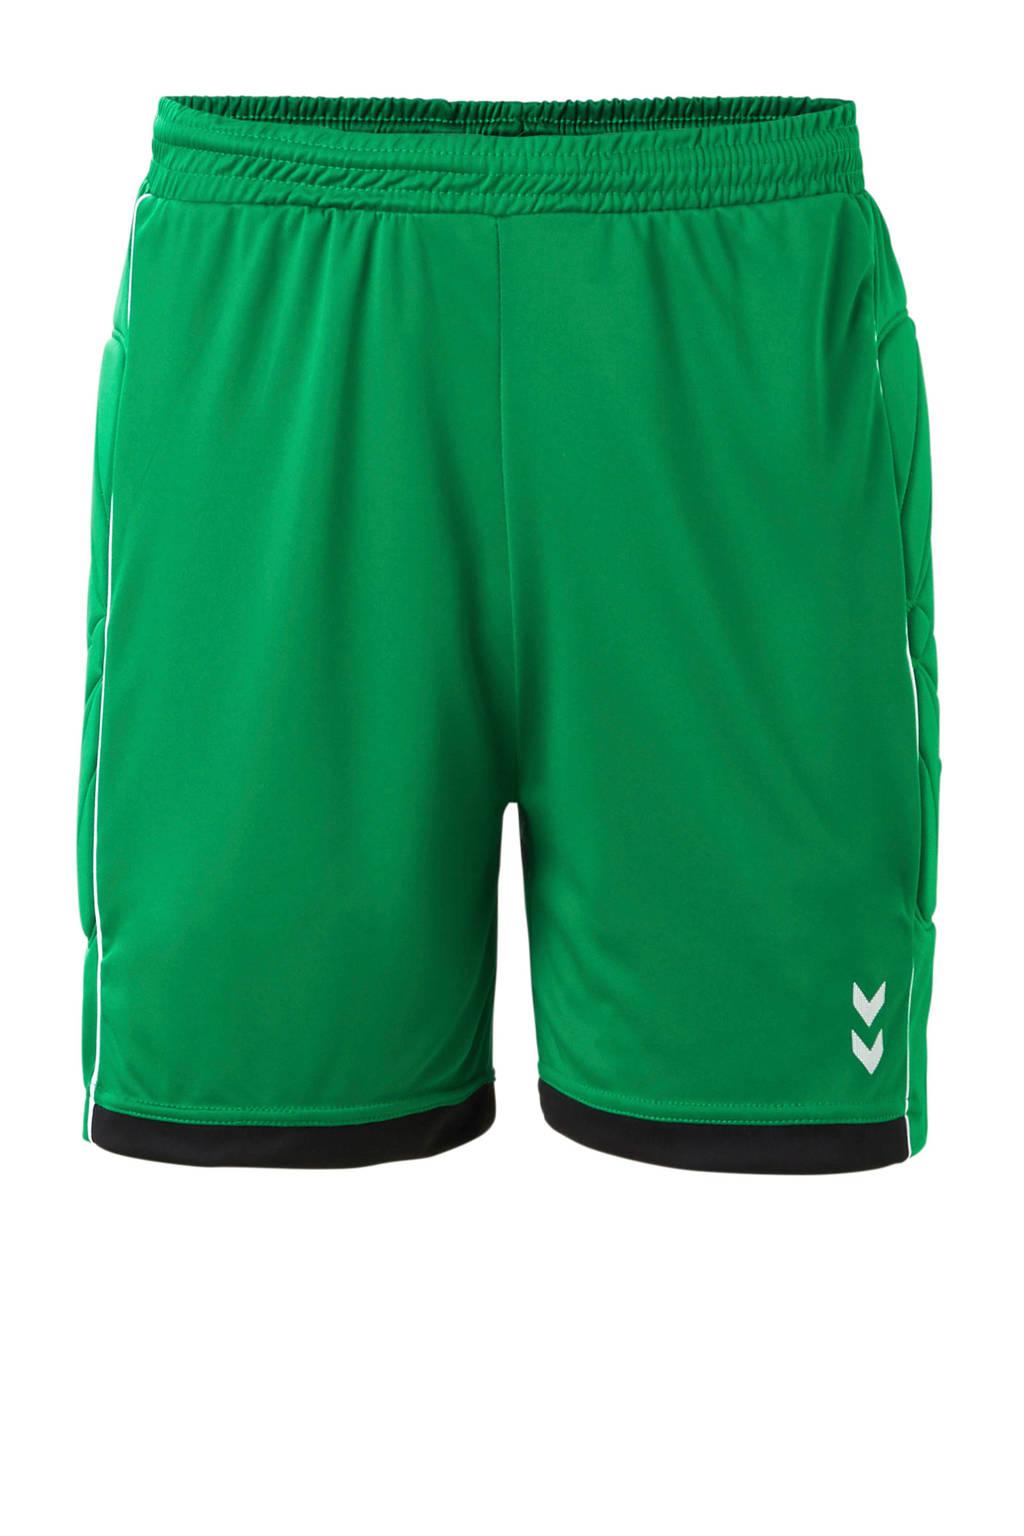 hummel Senior  Keepersset groen/zwart, Groen/zwart, Heren